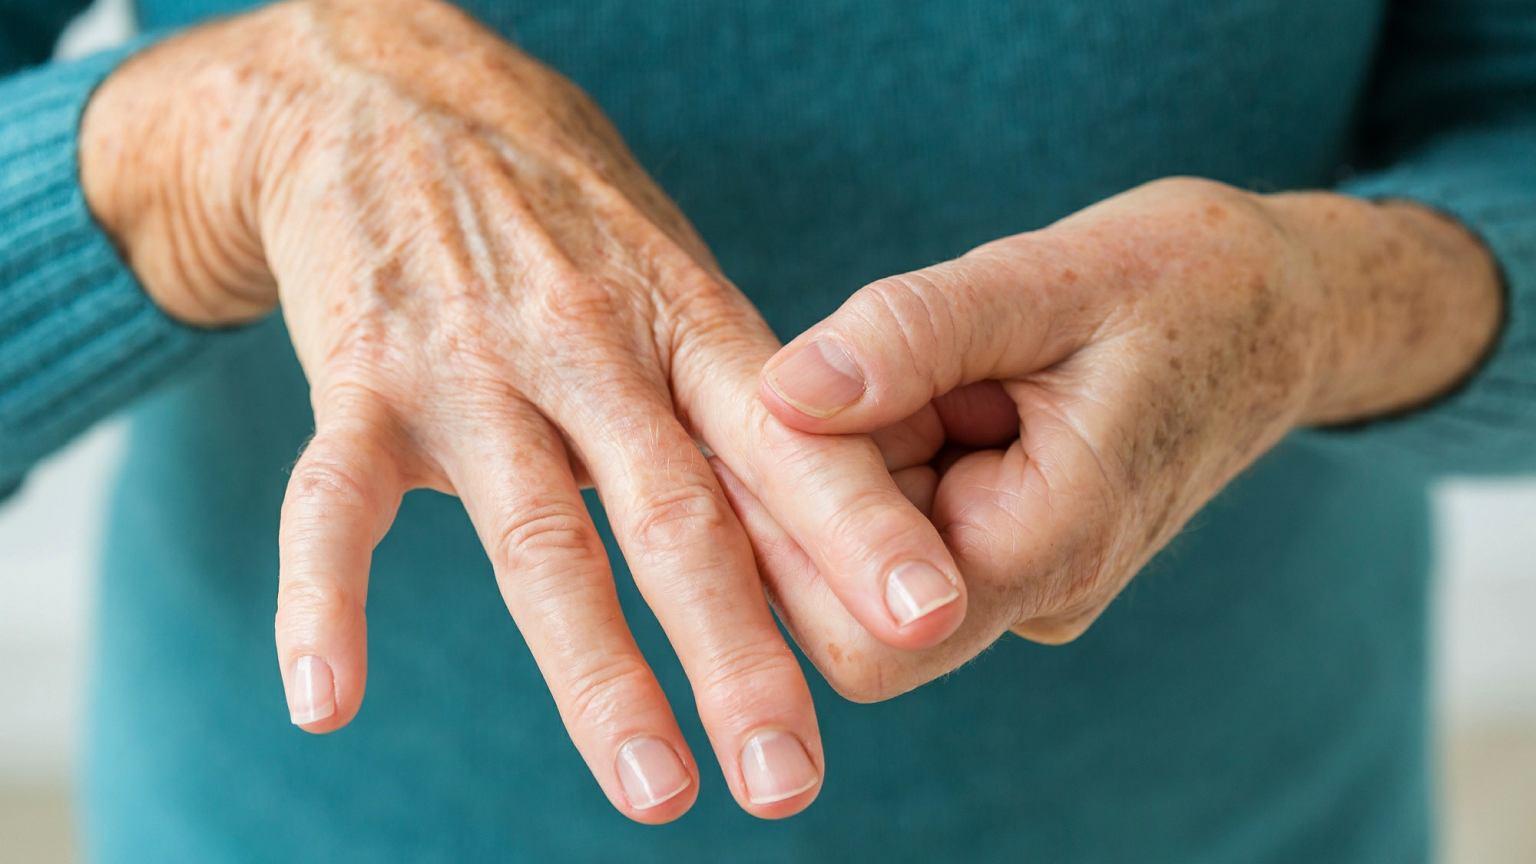 Полиартрит кистей рук и пальцев: лечение, симптомы 46